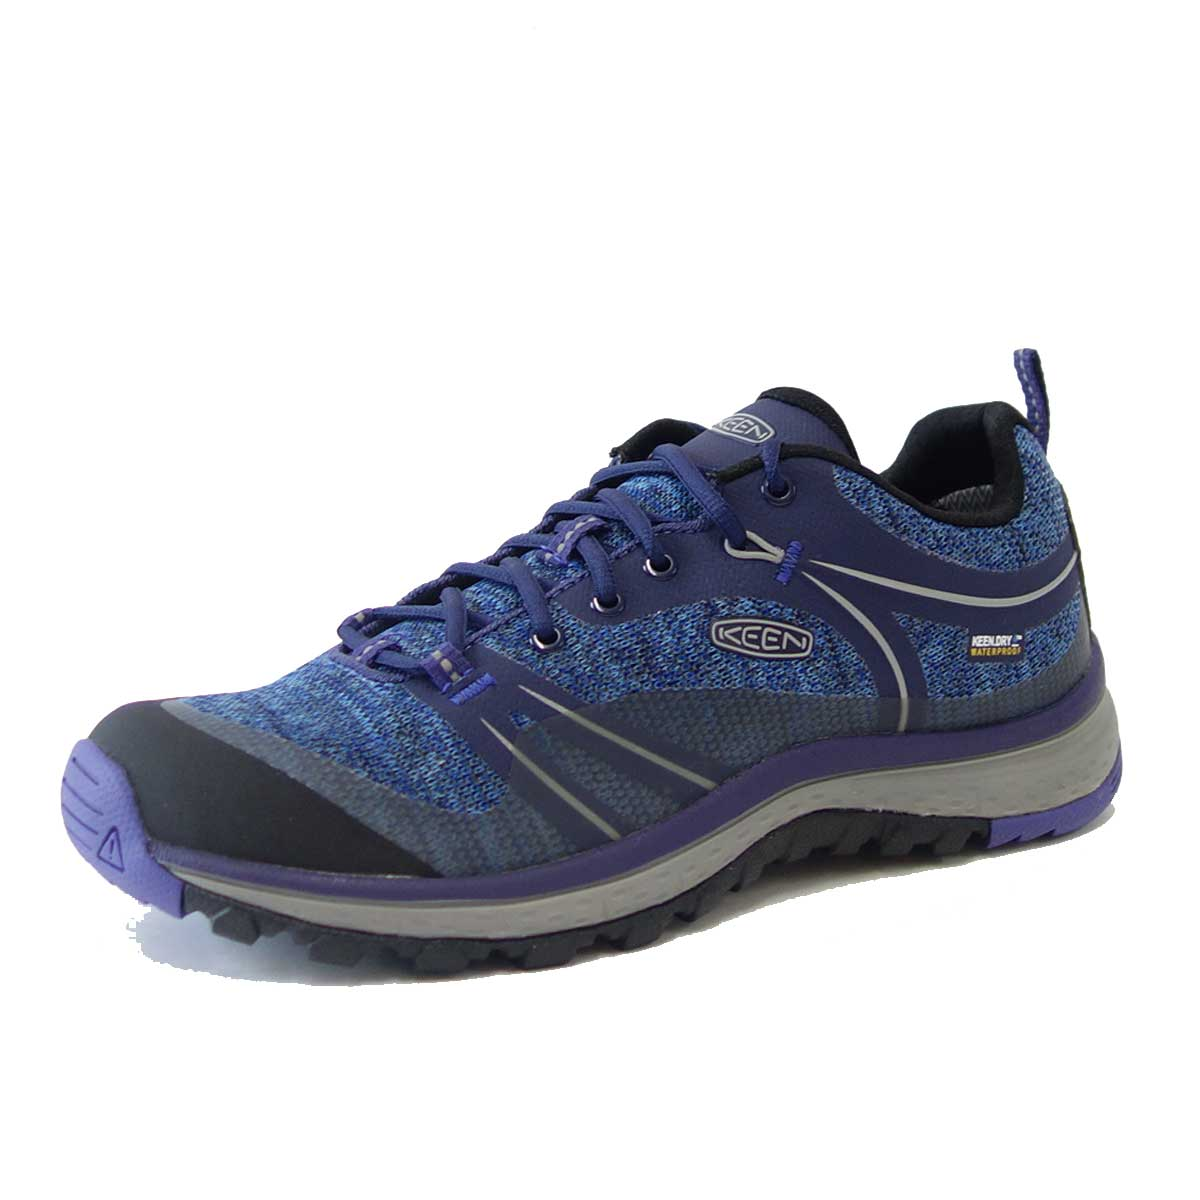 Keen Shoes Terradora